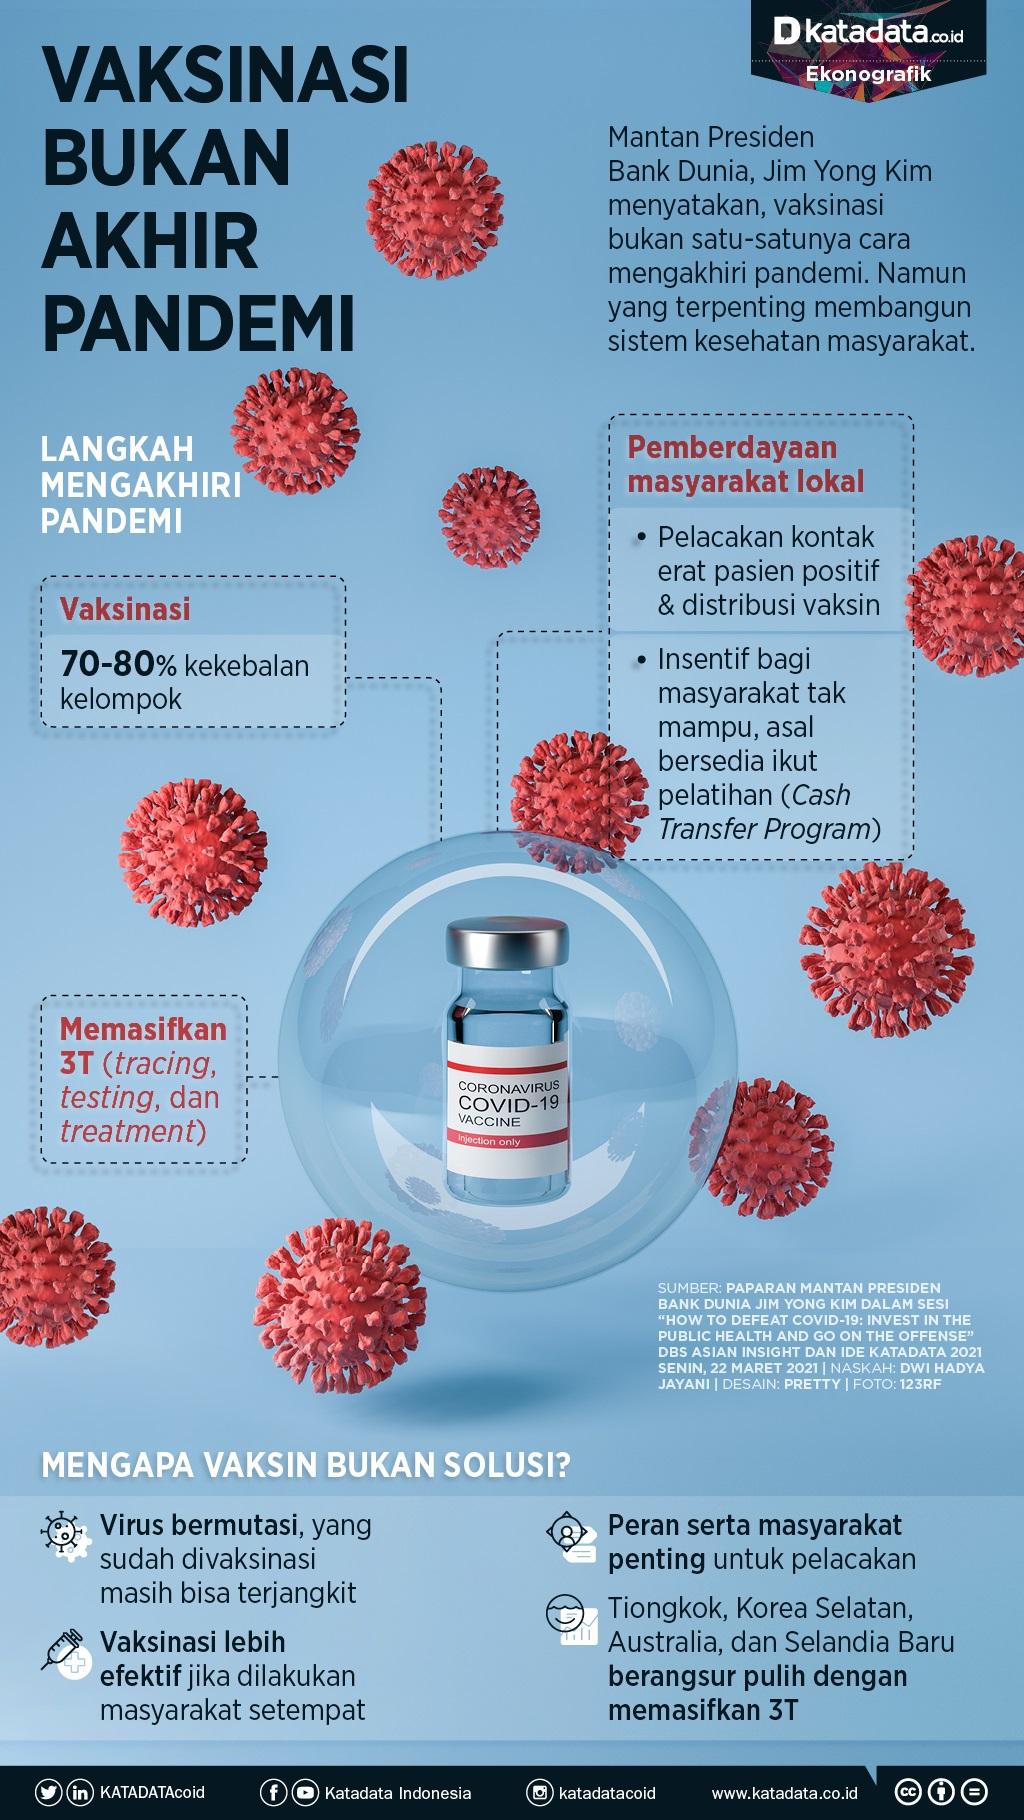 Infografik_vaksinasi bukan akhir pandemi